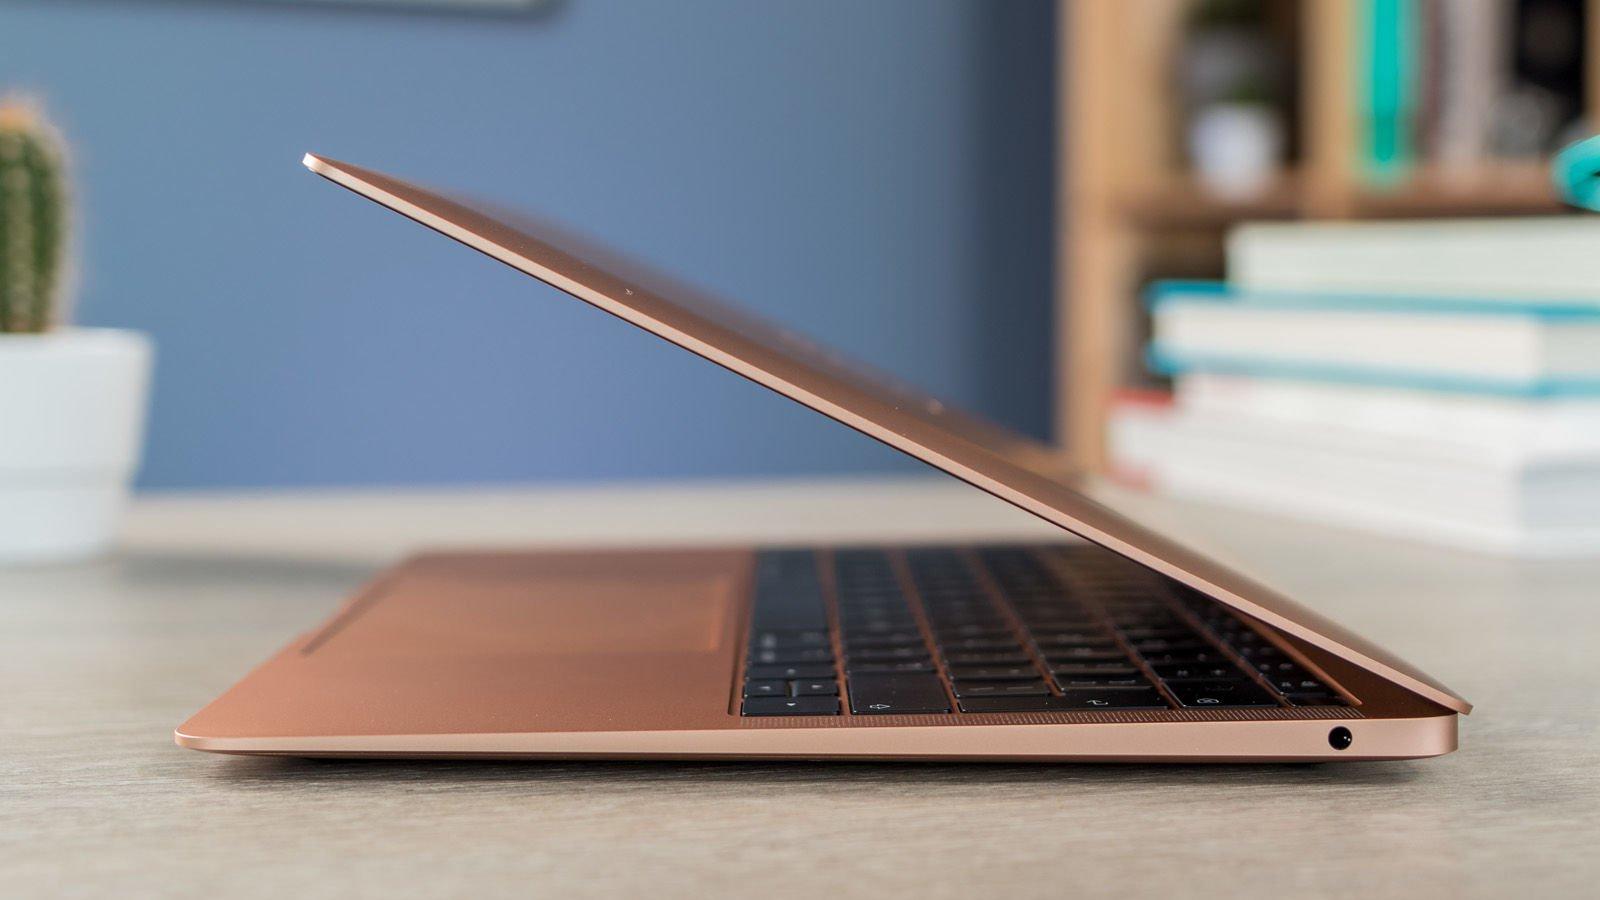 MacBook Air 2019 battery life